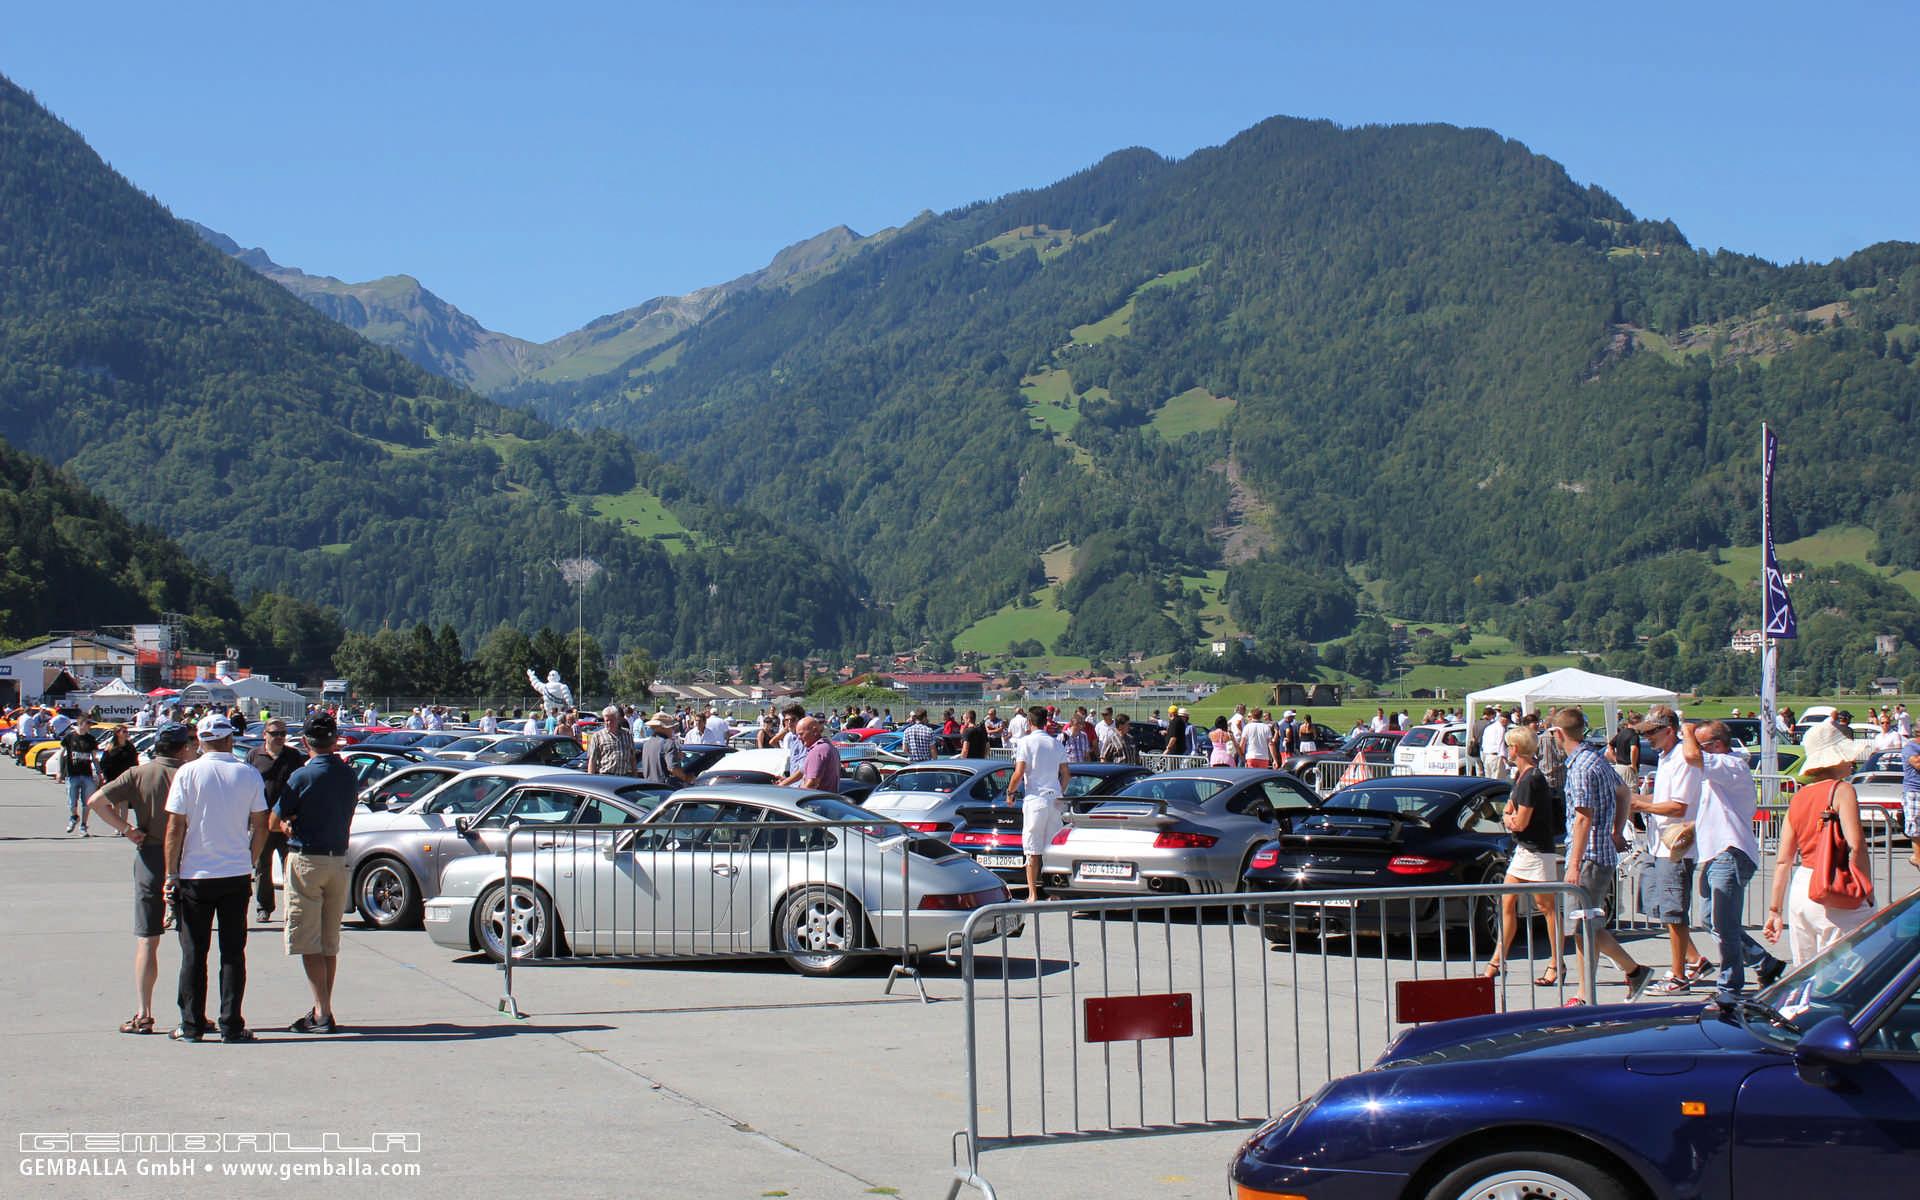 gemballa_gmbh_event_pt_interlaken_2012_009